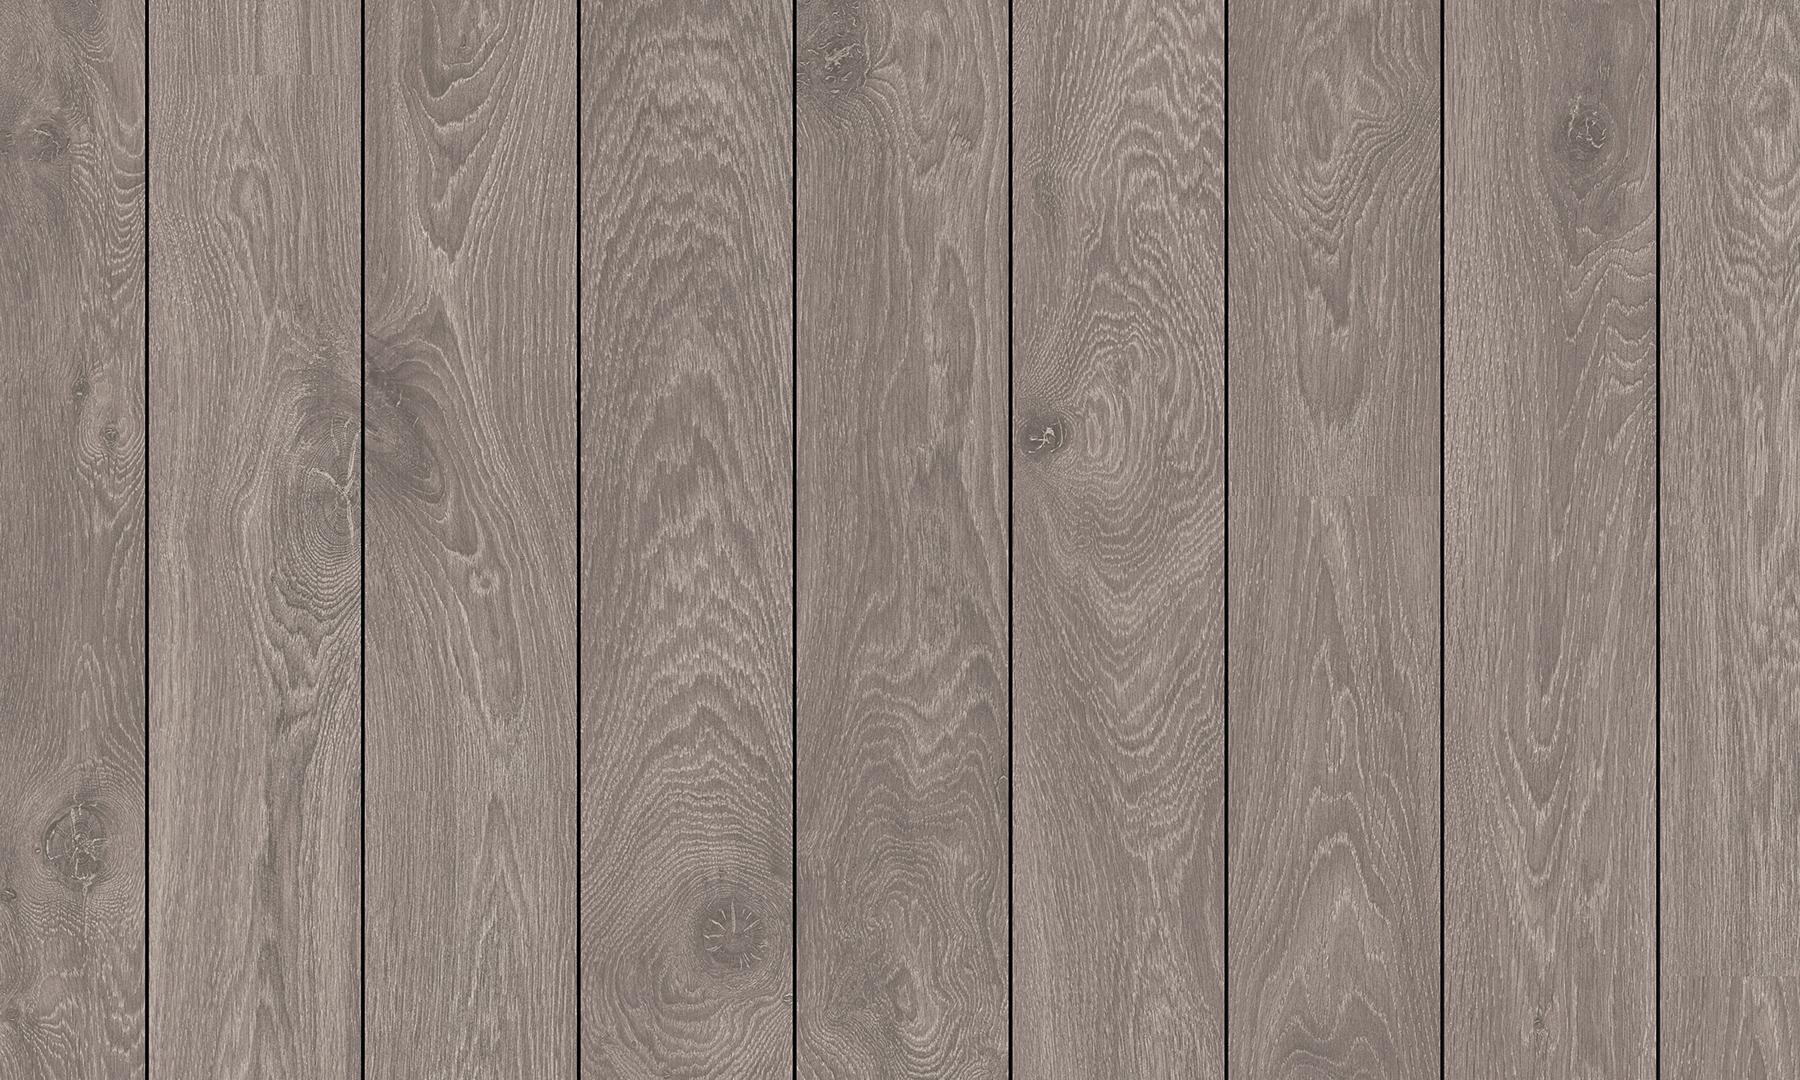 Pergo commercial laminate flooring natural ash v k for Commercial laminate flooring